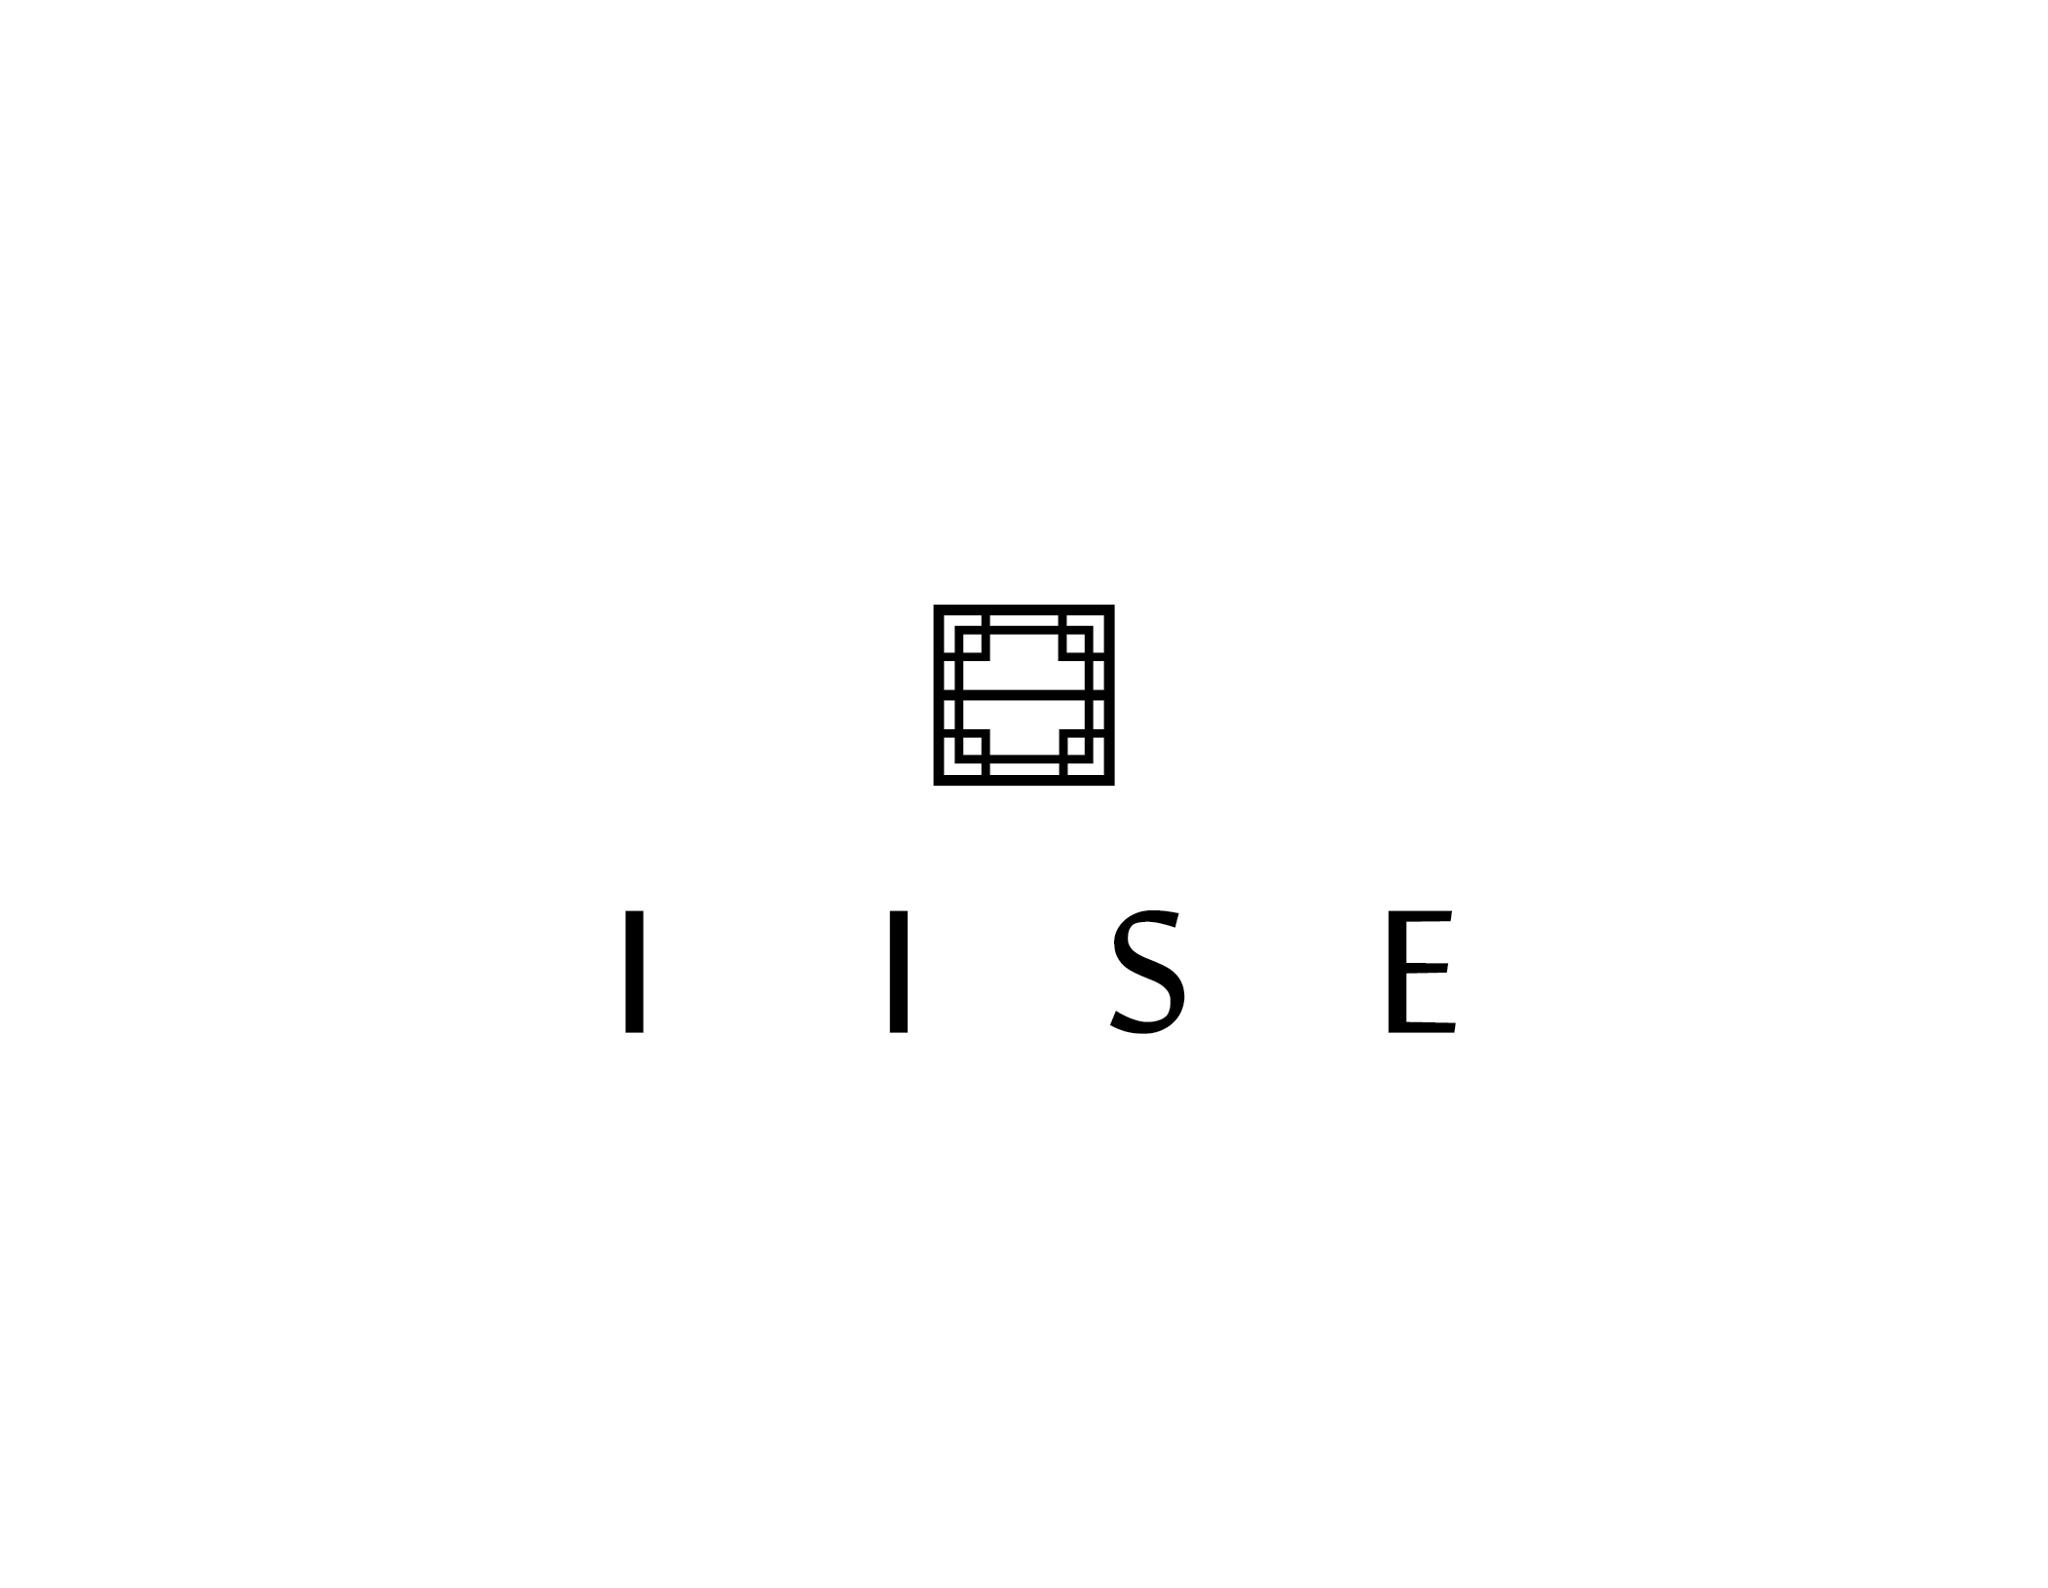 IISE.